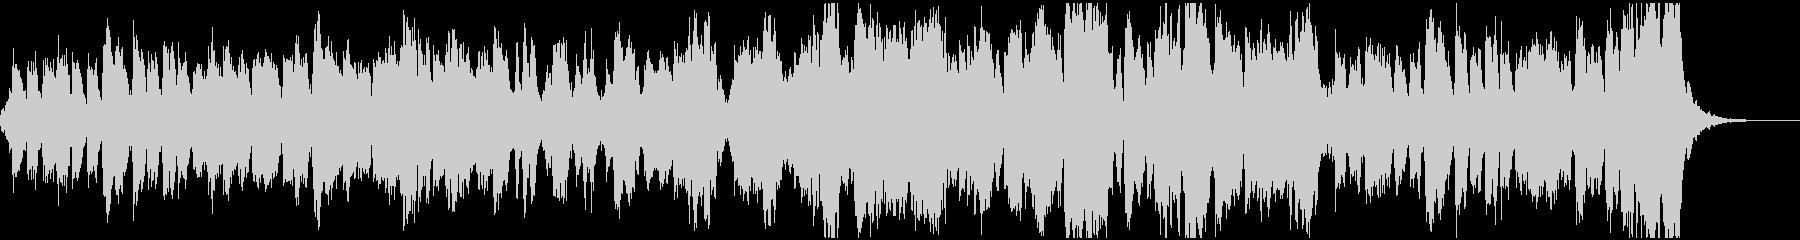 管弦楽による行進曲の未再生の波形